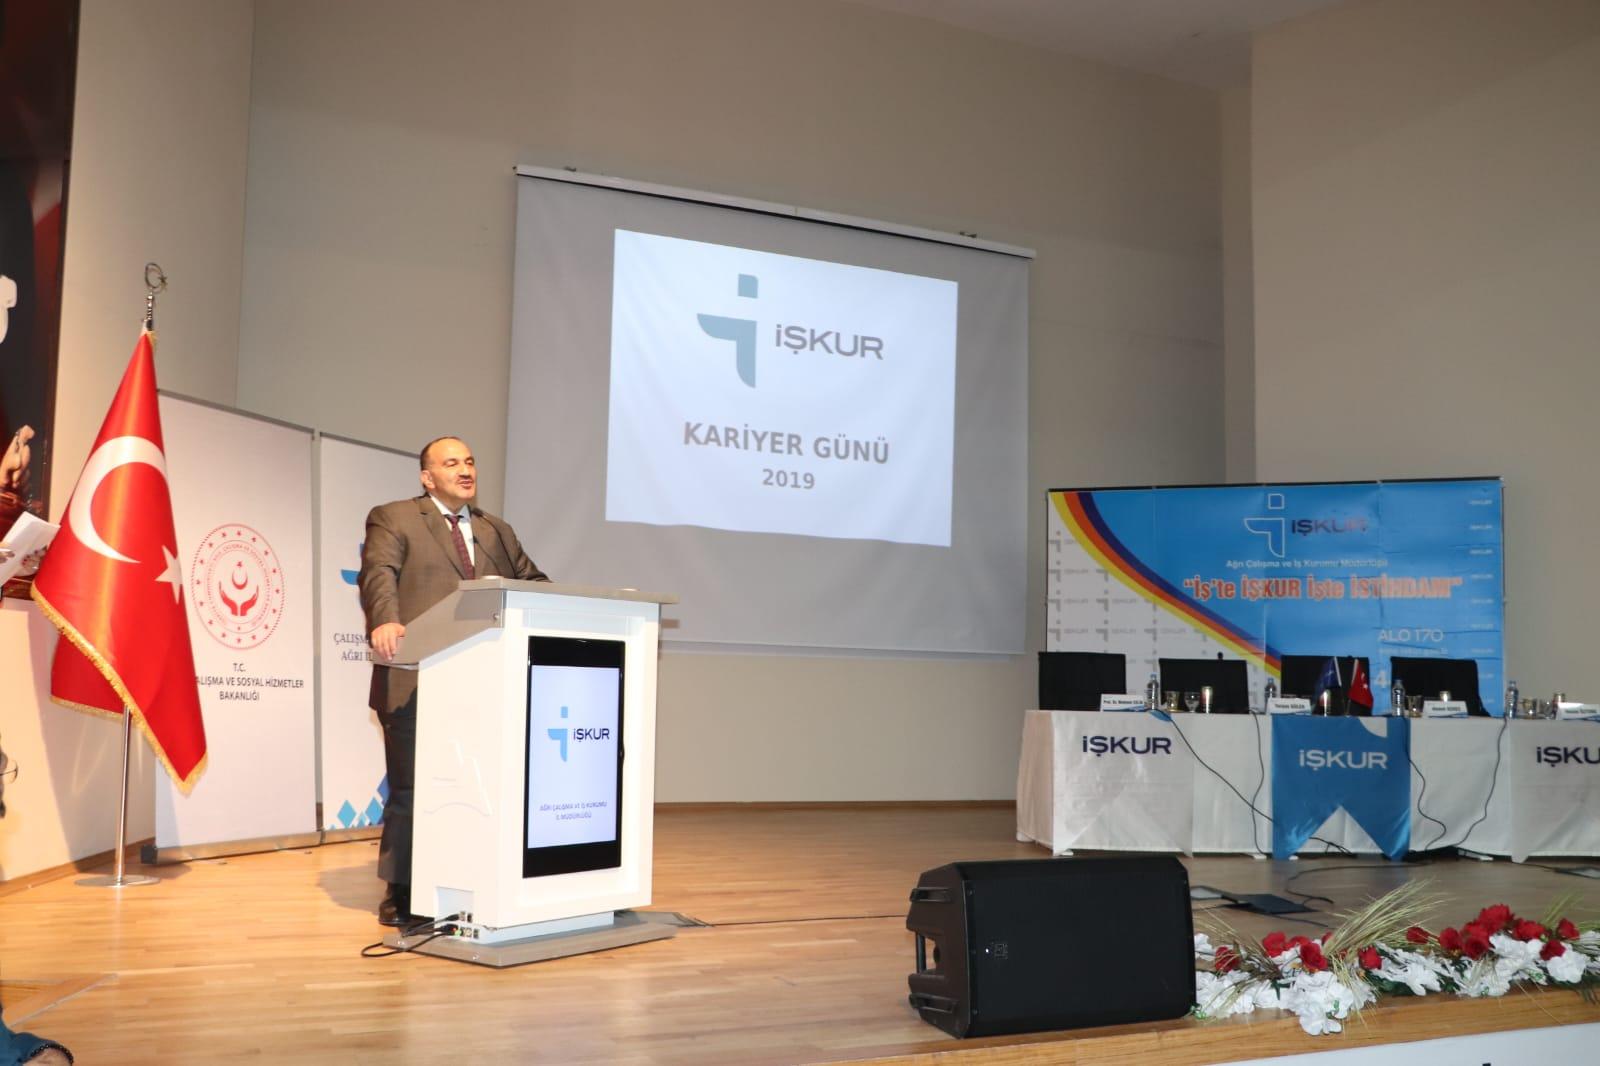 Ağrı İŞKUR Kariyer Gününü Genel Müdürümüz Cafer Uzunkaya'nın Katılımıyla Düzenledik